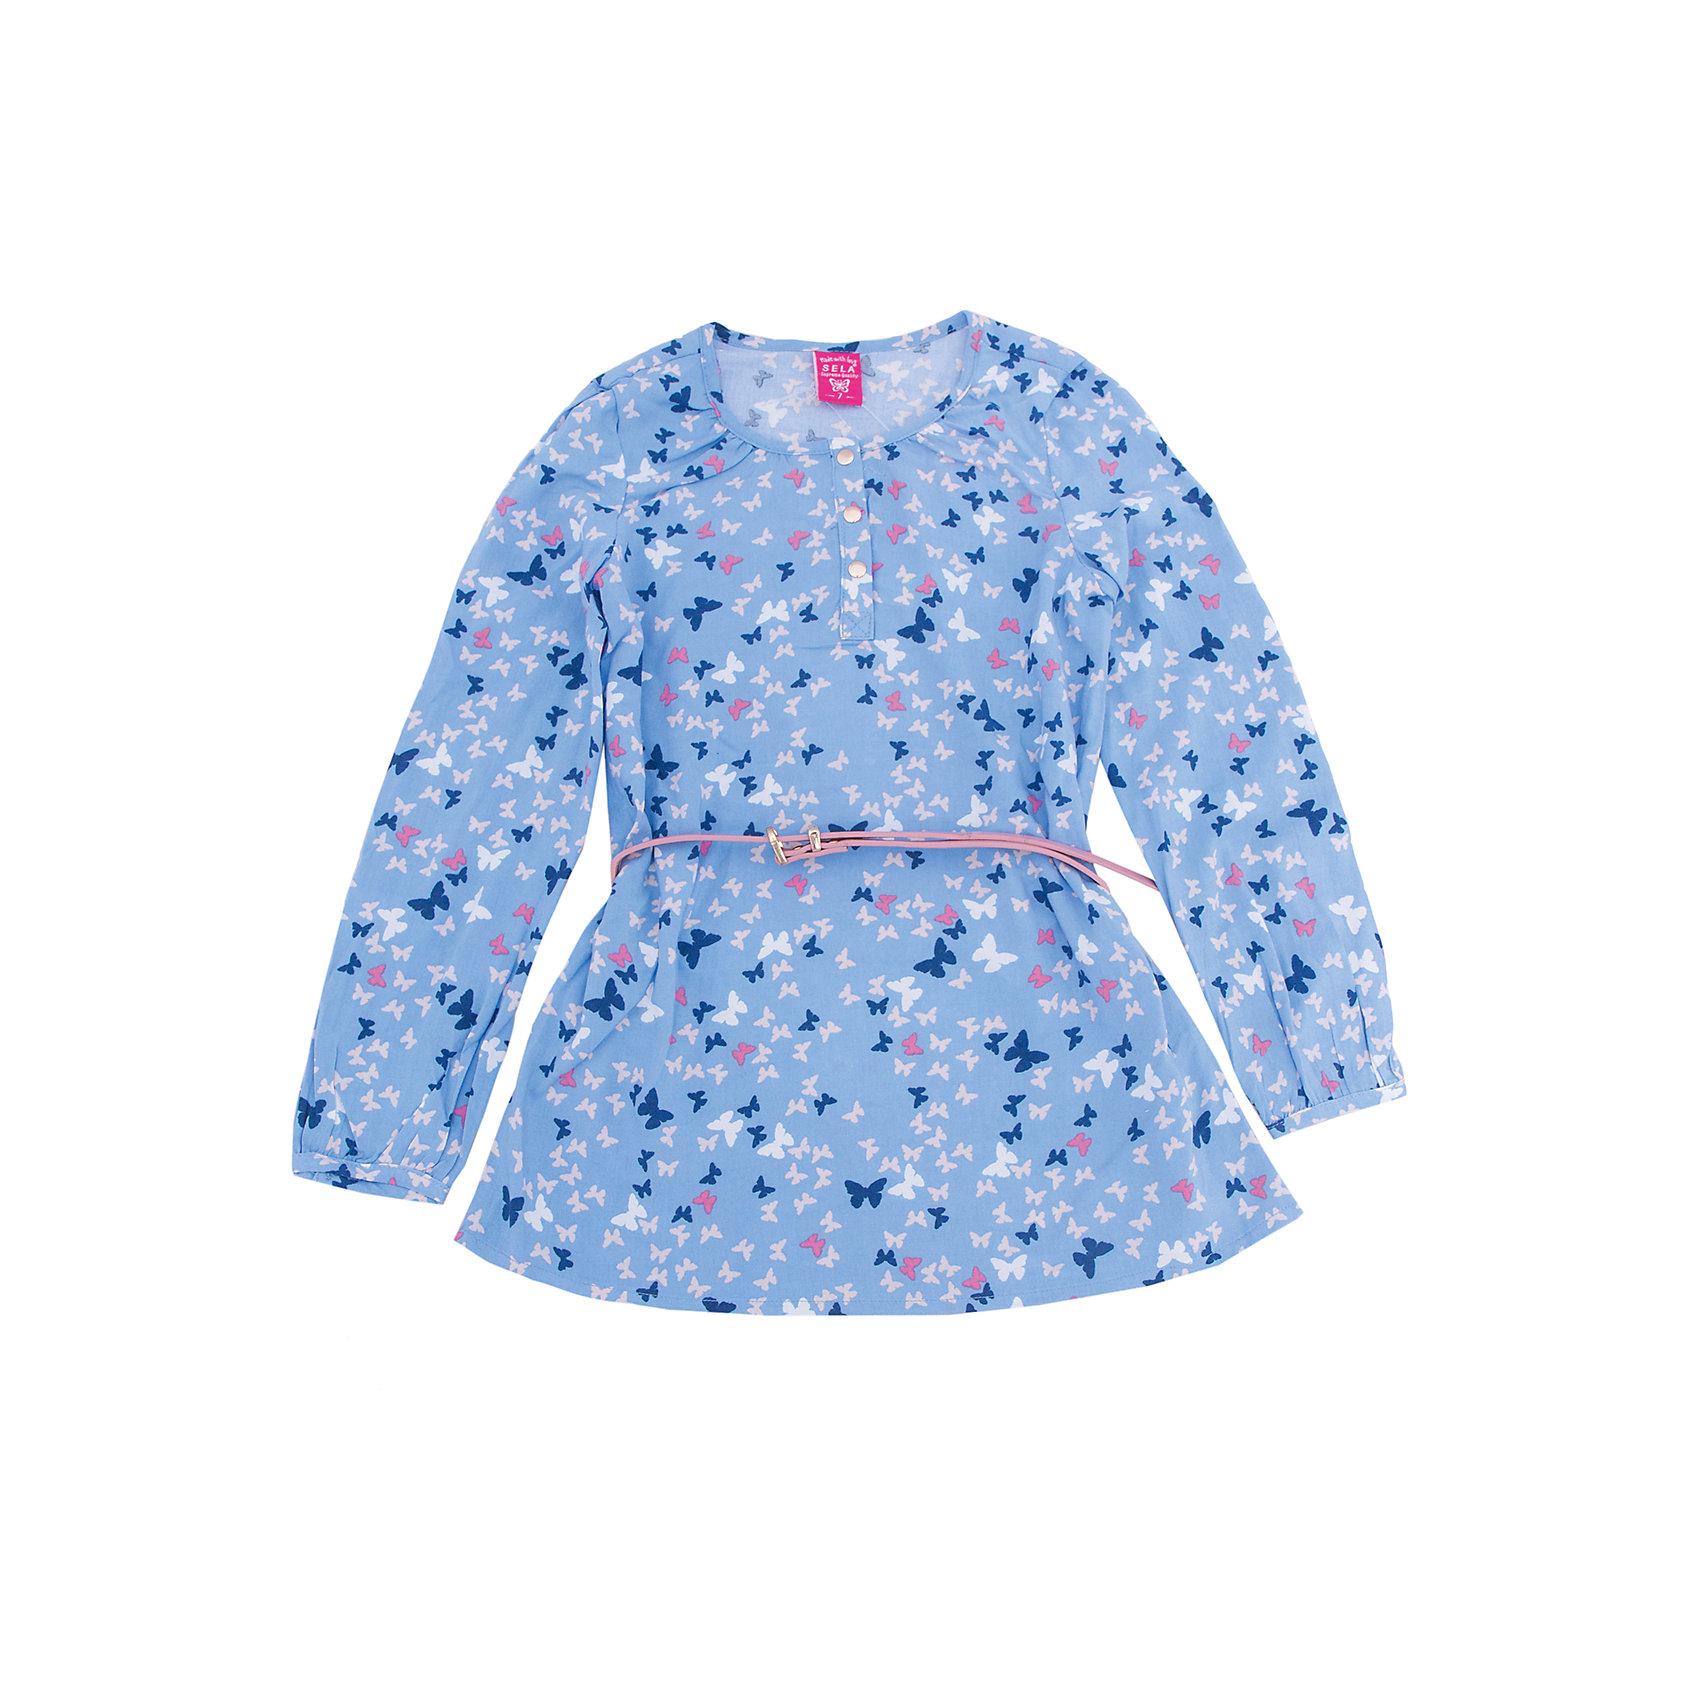 Блуза для девочки SELAБлузки и рубашки<br>Характеристики товара:<br><br>• цвет: голубой<br>• состав: 100% вискоза<br>• декорирована принтом<br>• приталенная<br>• длинные рукава<br>• округлый горловой вырез<br>• коллекция весна-лето 2017<br>• страна бренда: Российская Федерация<br><br>В новой коллекции SELA отличные модели одежды! Эта блуза для девочки поможет разнообразить гардероб ребенка и обеспечить комфорт. Она отлично сочетается с юбками и брюками. Стильная и удобная вещь!<br><br>Одежда, обувь и аксессуары от российского бренда SELA не зря пользуются большой популярностью у детей и взрослых! Модели этой марки - стильные и удобные, цена при этом неизменно остается доступной. Для их производства используются только безопасные, качественные материалы и фурнитура. Новая коллекция поддерживает хорошие традиции бренда! <br><br>Блузу для девочки от популярного бренда SELA (СЕЛА) можно купить в нашем интернет-магазине.<br><br>Ширина мм: 186<br>Глубина мм: 87<br>Высота мм: 198<br>Вес г: 197<br>Цвет: голубой<br>Возраст от месяцев: 96<br>Возраст до месяцев: 108<br>Пол: Женский<br>Возраст: Детский<br>Размер: 134,140,146,152,122,128<br>SKU: 5306944